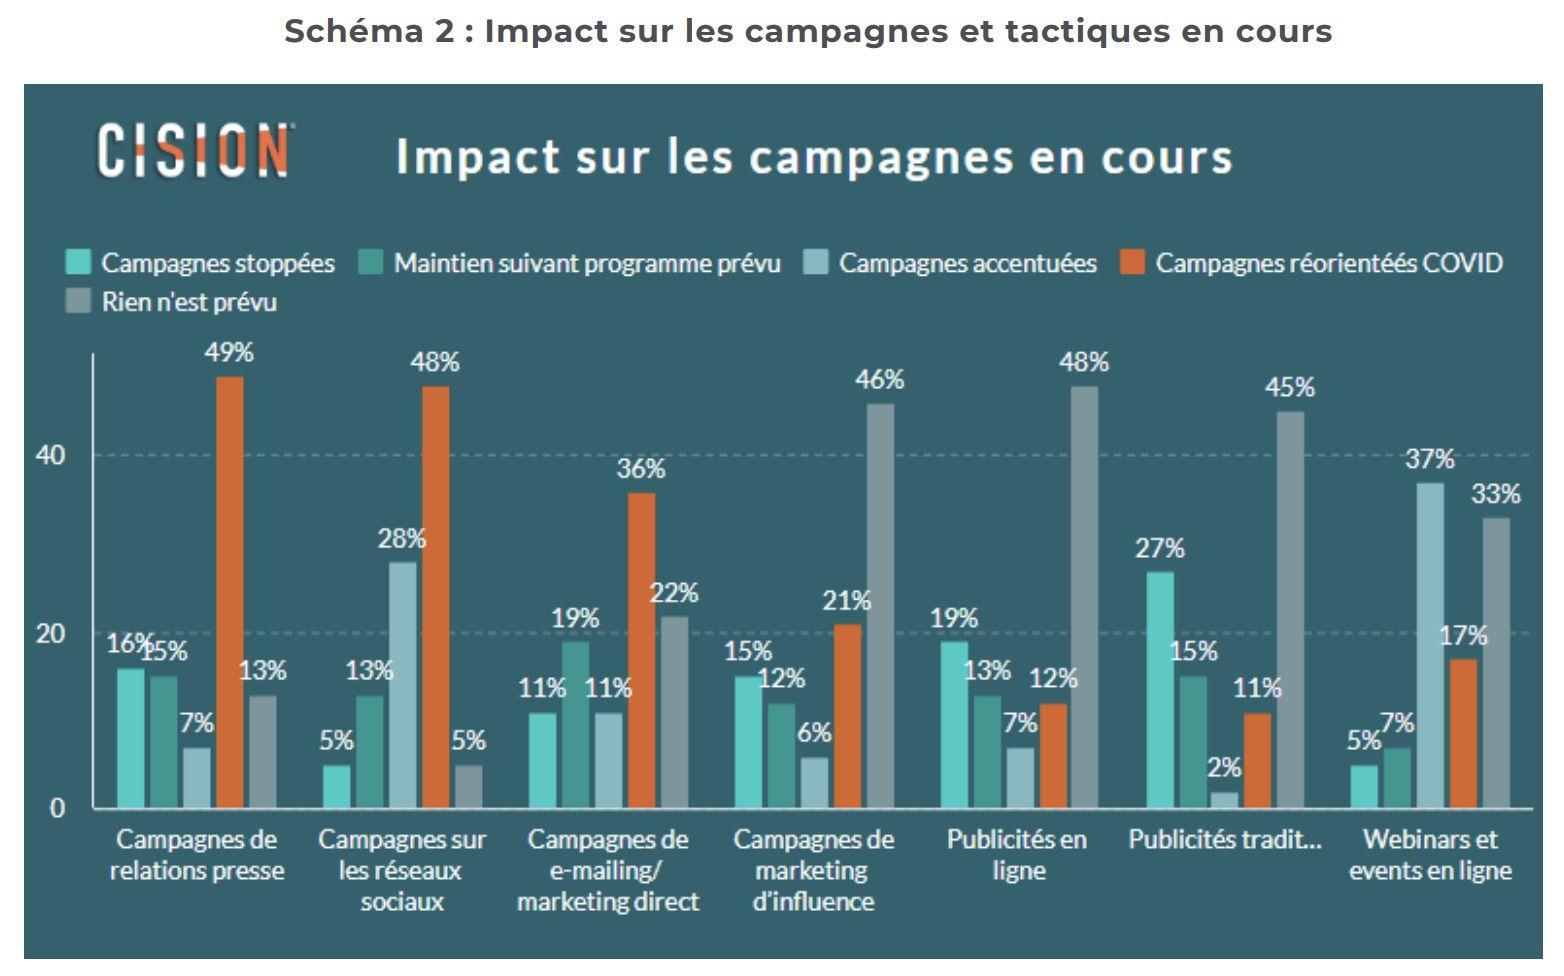 schéma présentant l'impact du COVID-19 sur les campagnes marketing